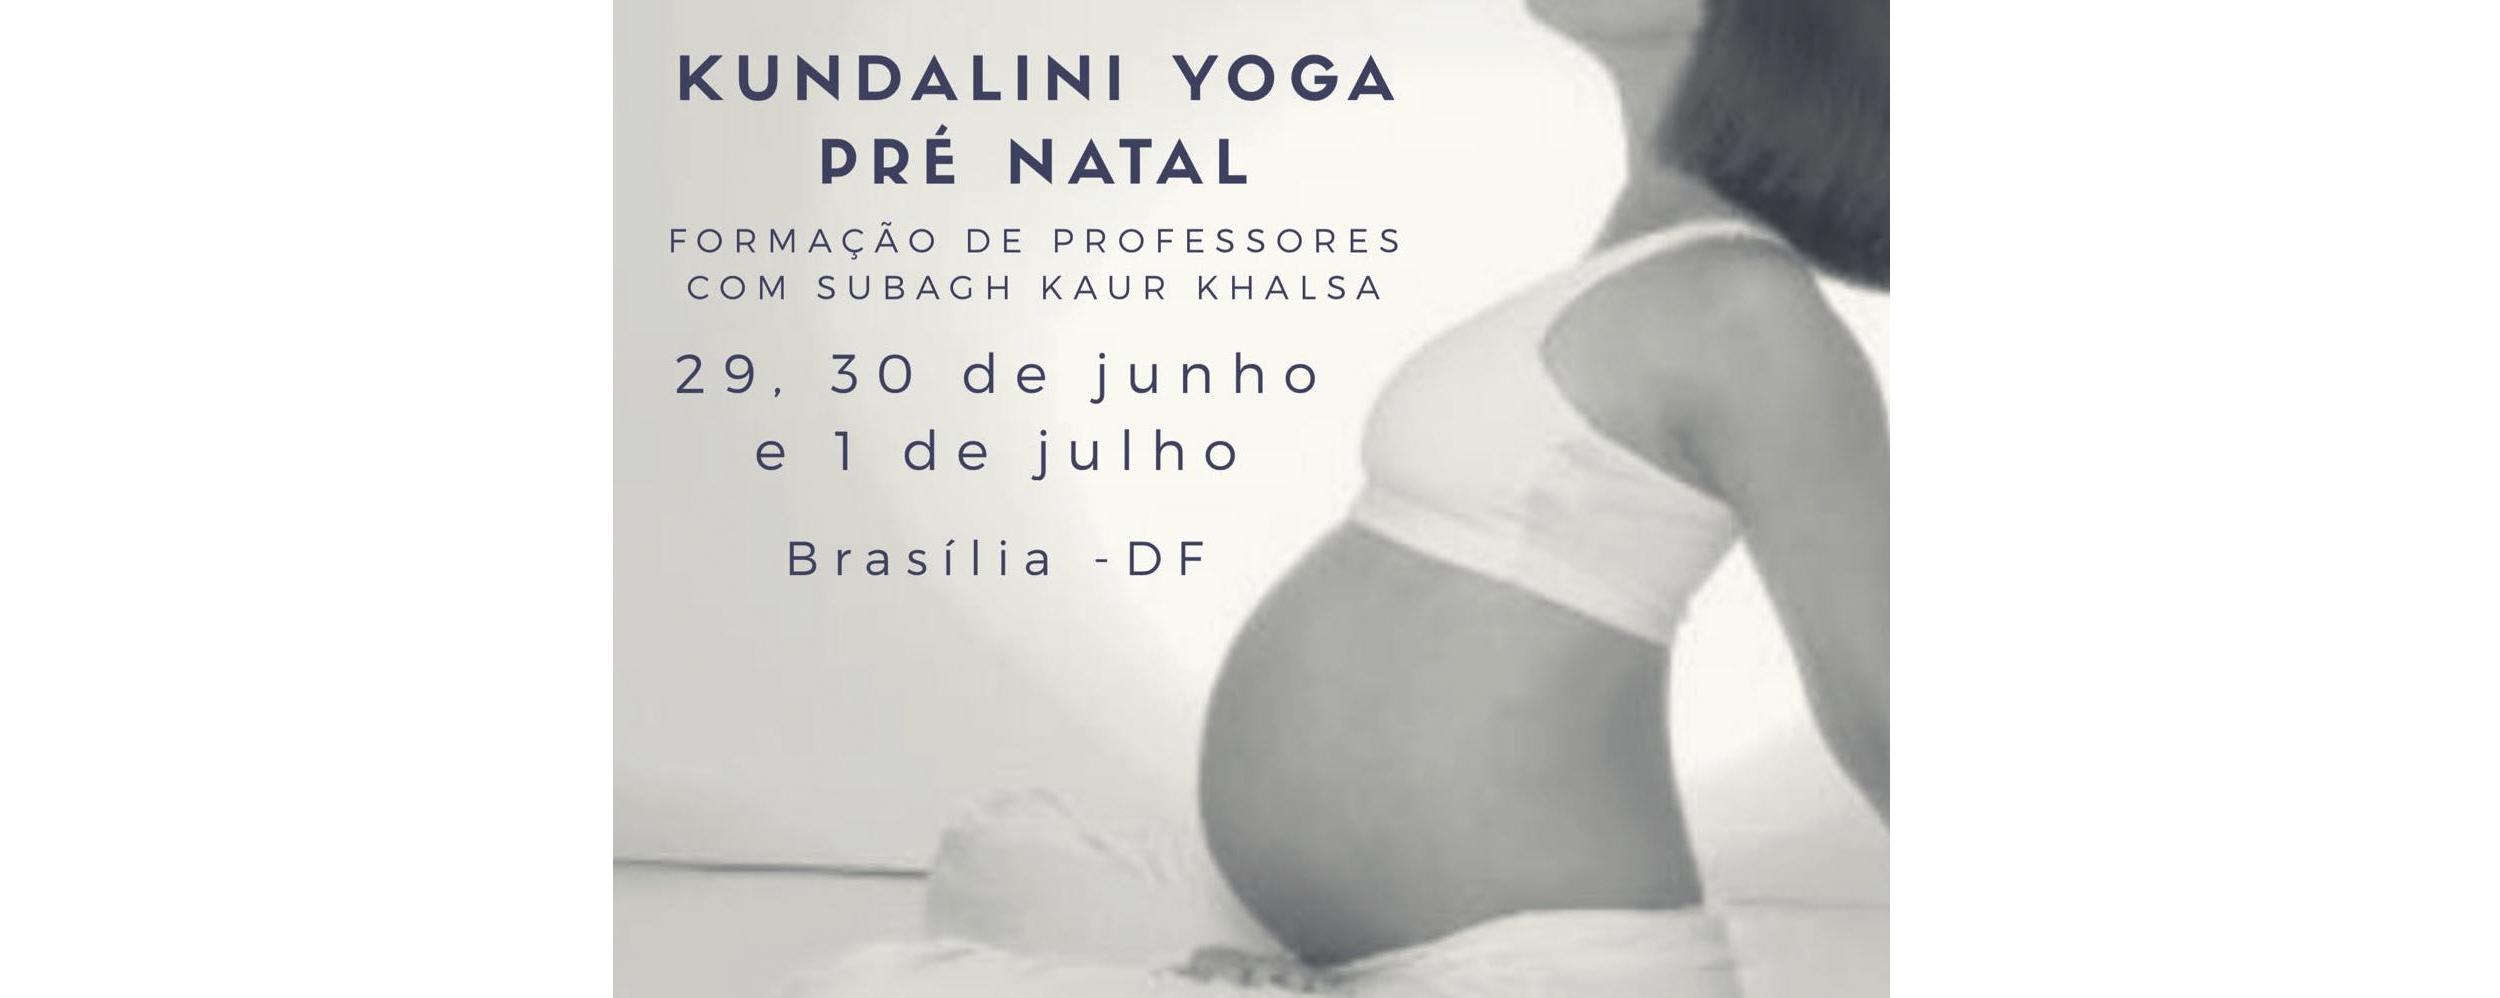 Curso de yoga pré natal